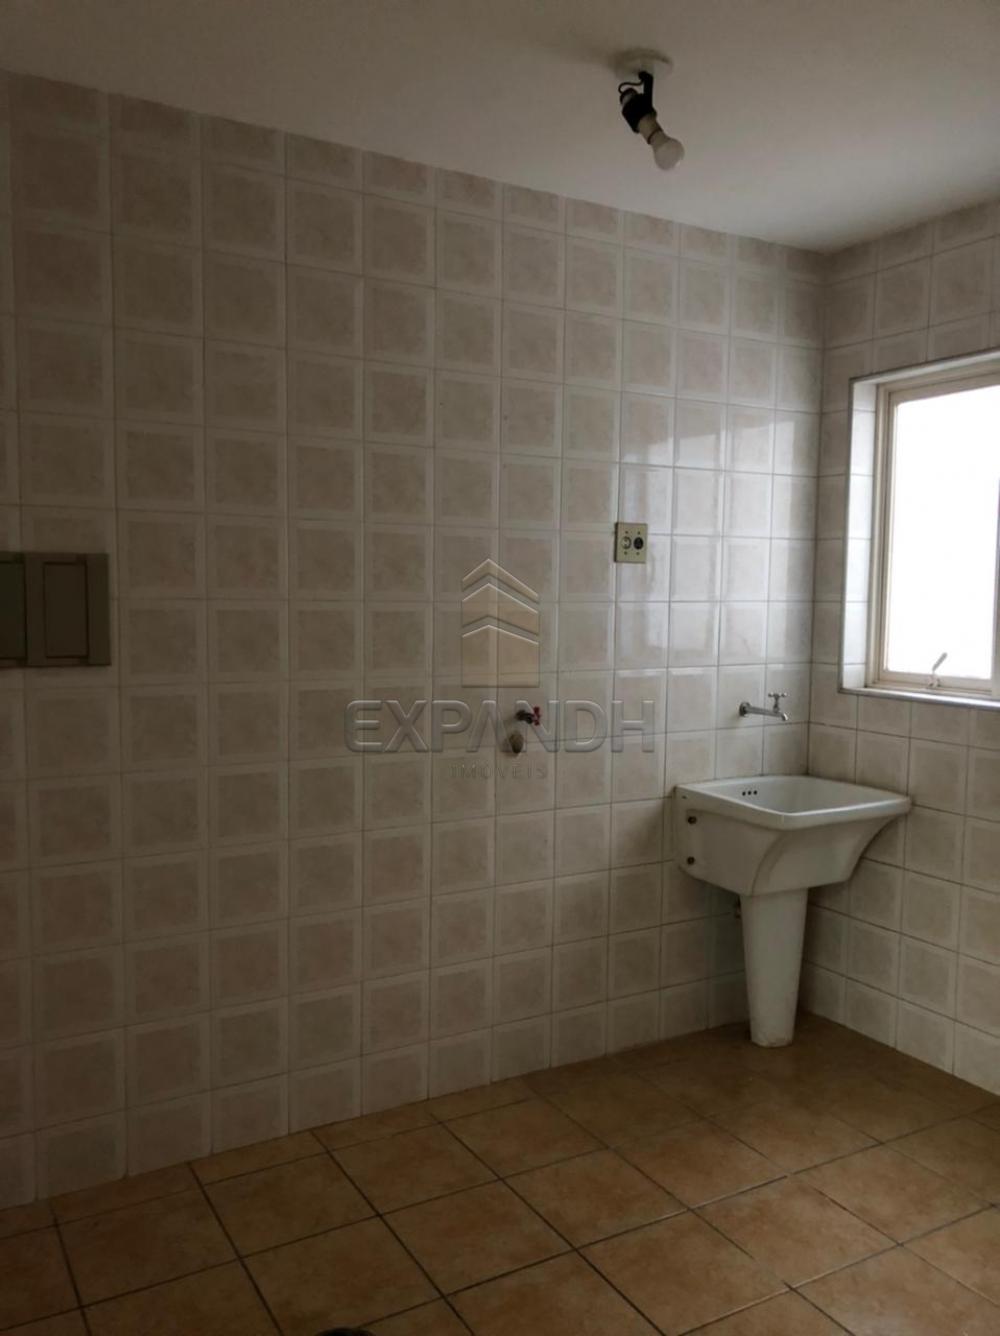 Alugar Apartamentos / Padrão em Sertãozinho R$ 900,00 - Foto 5